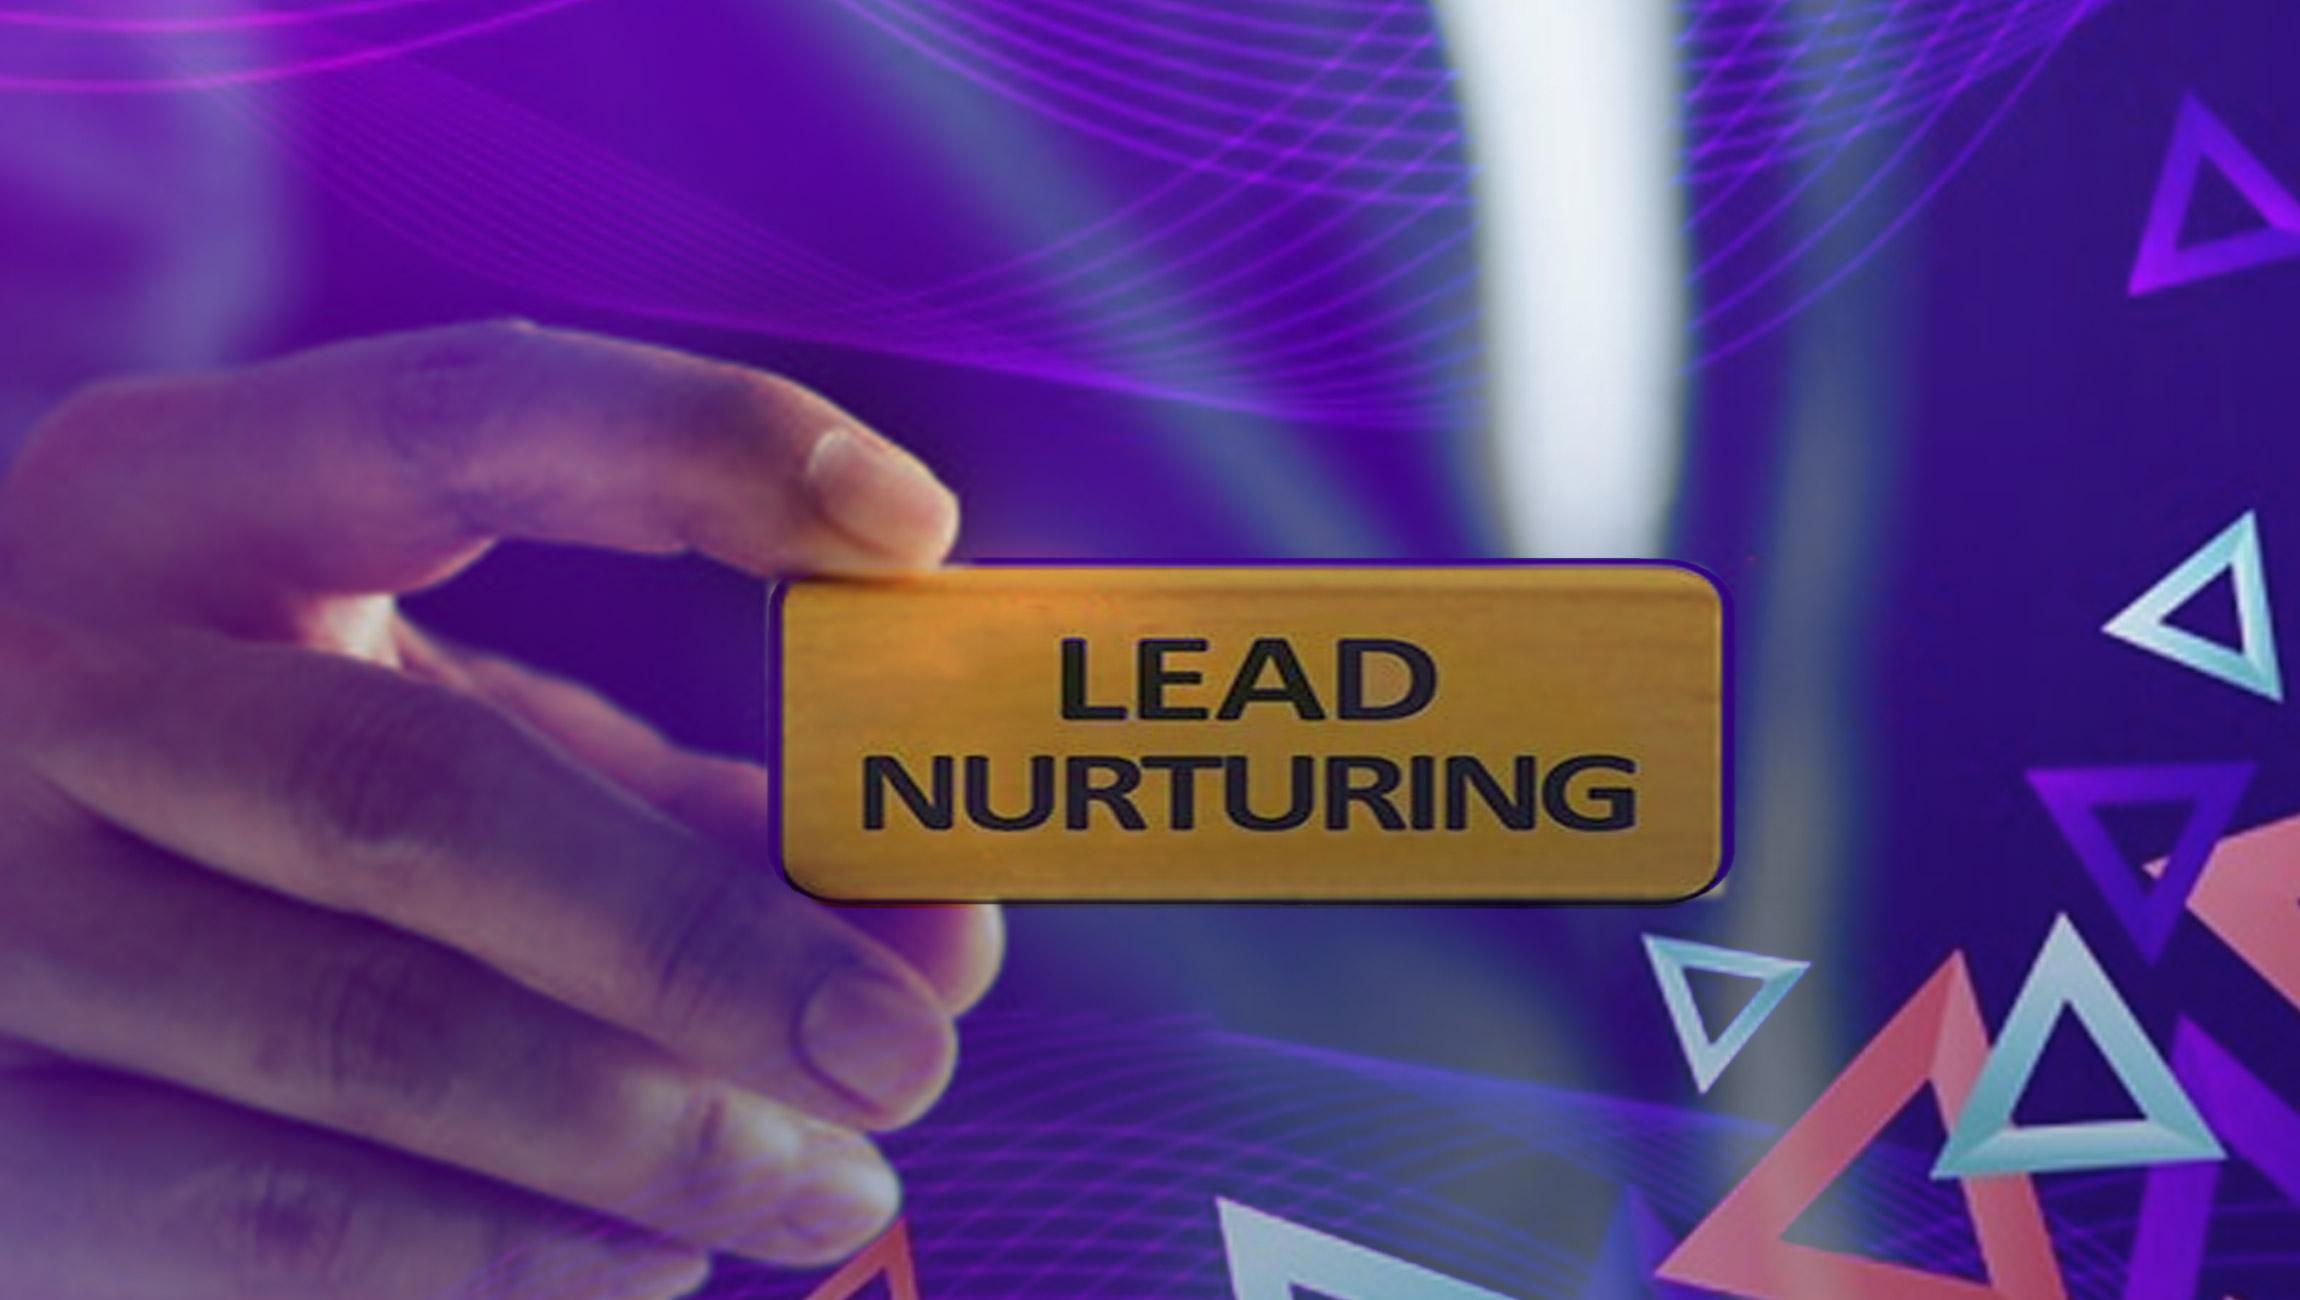 SalesTech Star Primer: What is Lead Nurturing?